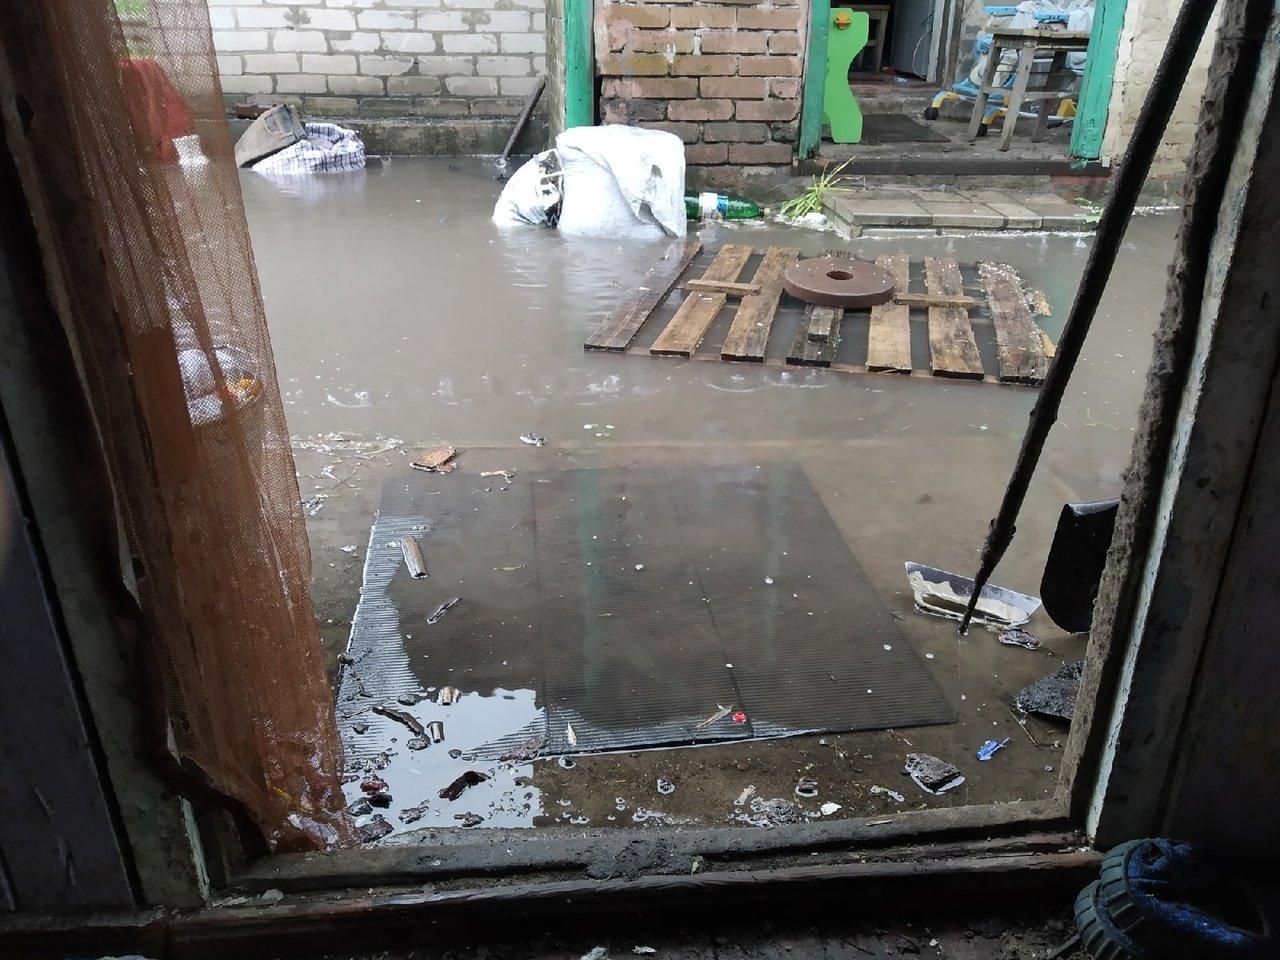 Кто там говорил про ковчег: в оккупированной Макеевке дождем залиты дома, квартиры, дороги, - ФОТО, фото-6